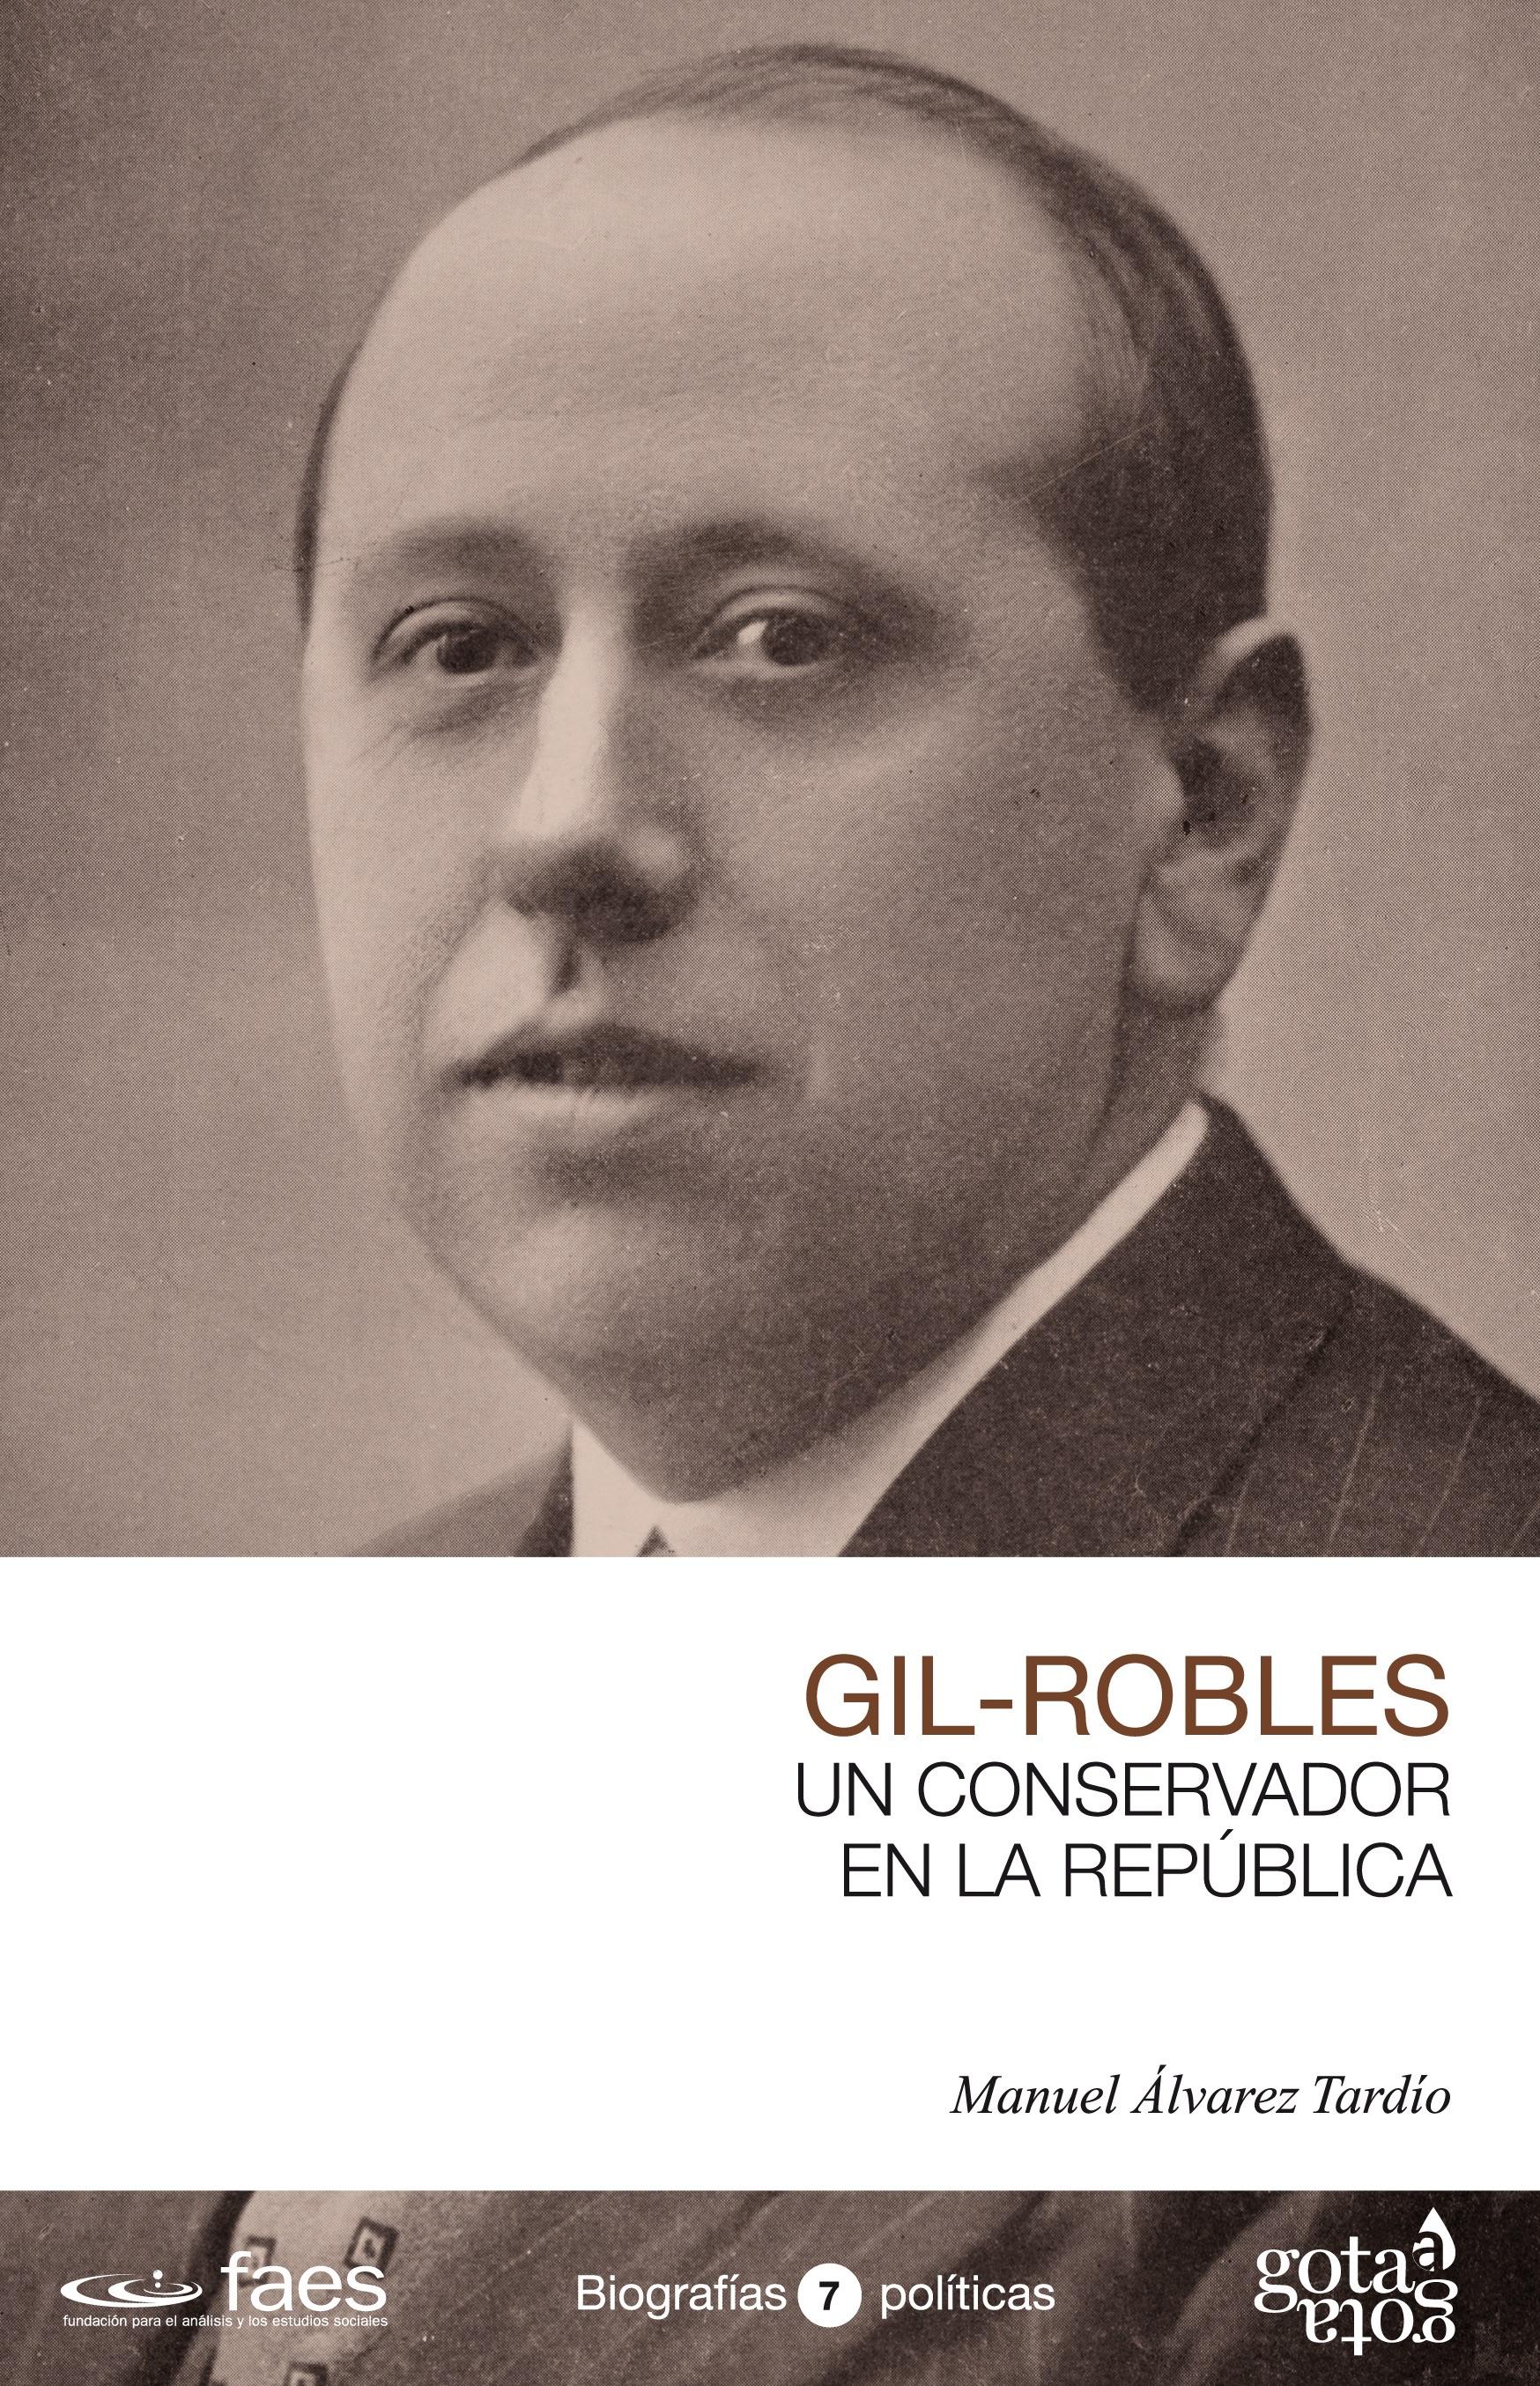 gil-robles_libro.jpg